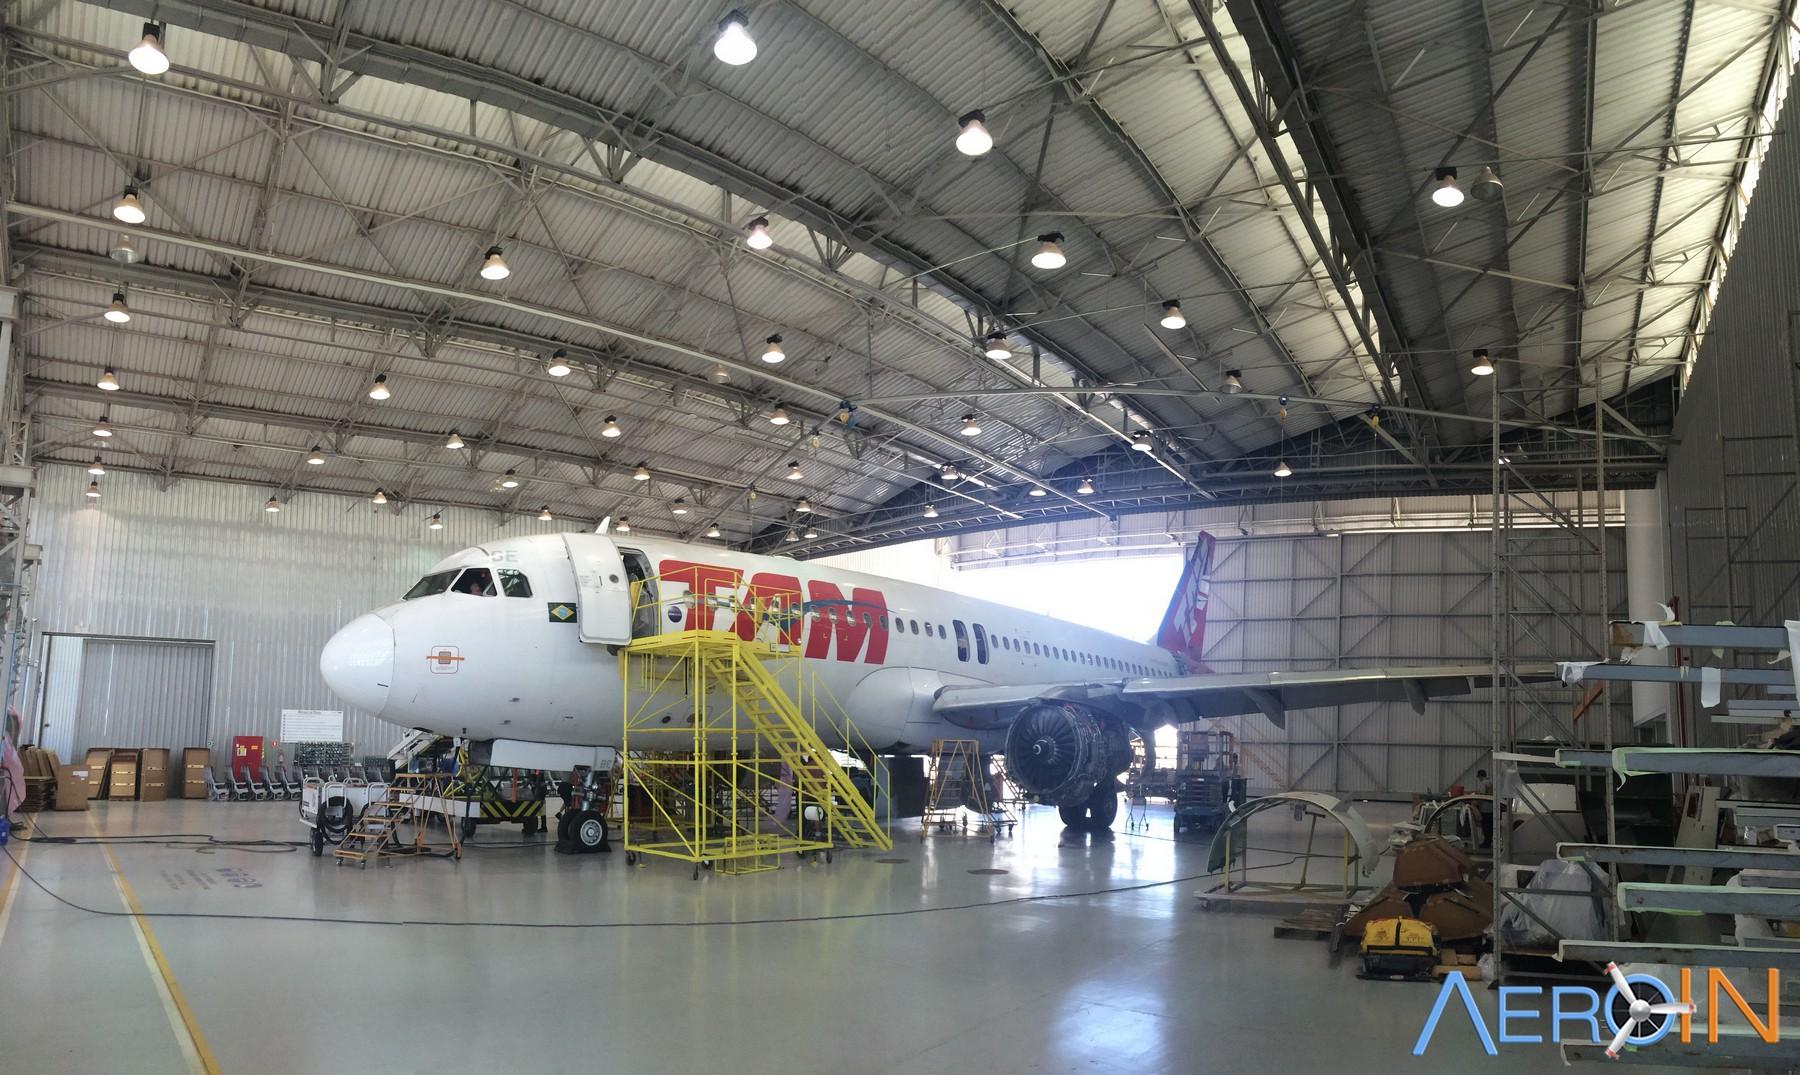 70mro-latam-aeroin-16